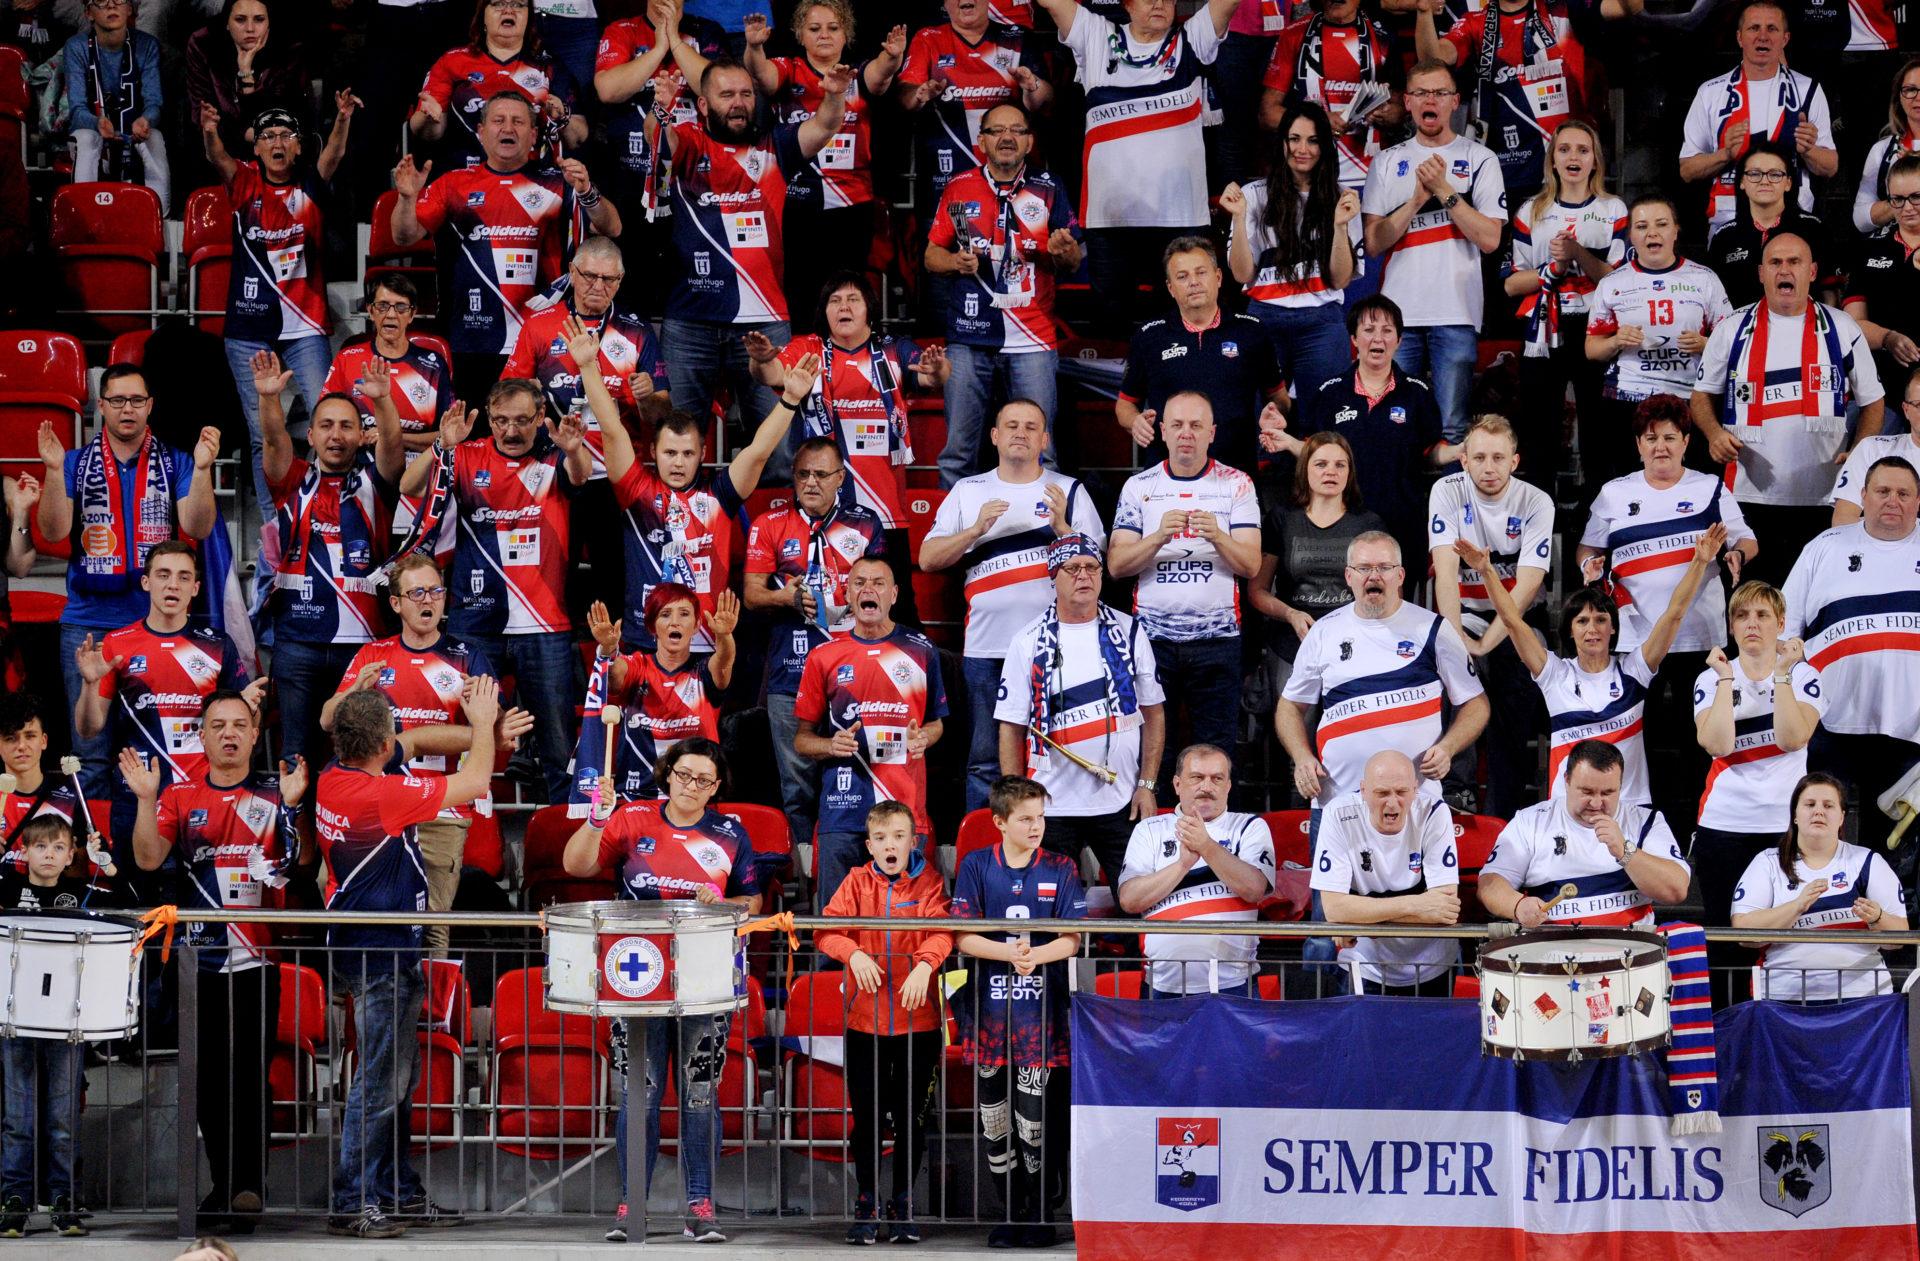 Przedsprzedaż biletów na Mecz Ligi Mistrzów z VK CEZ Karlovarsko